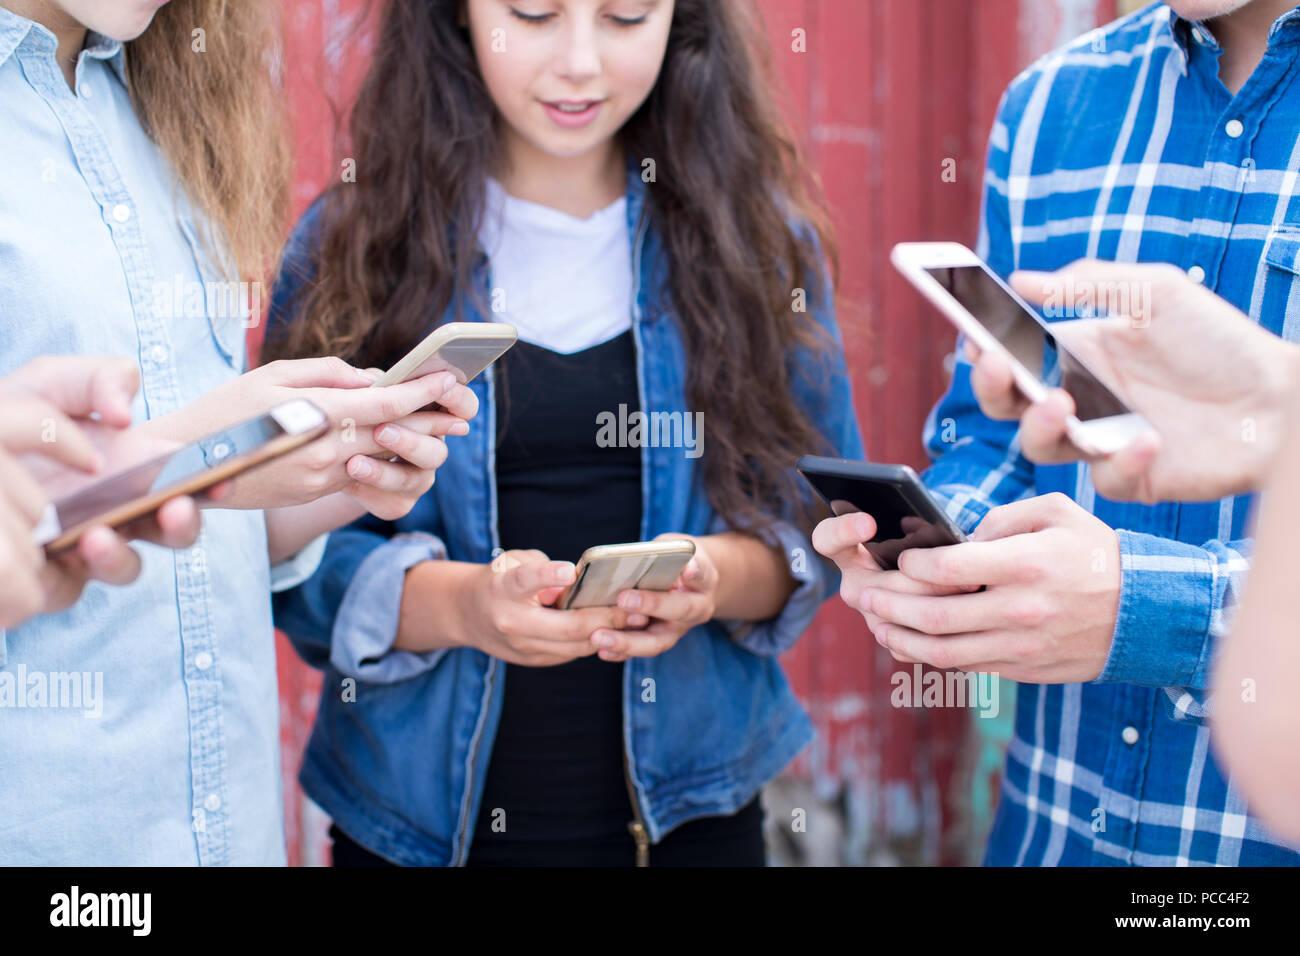 Group Teenage Gang Stock Photos Amp Group Teenage Gang Stock